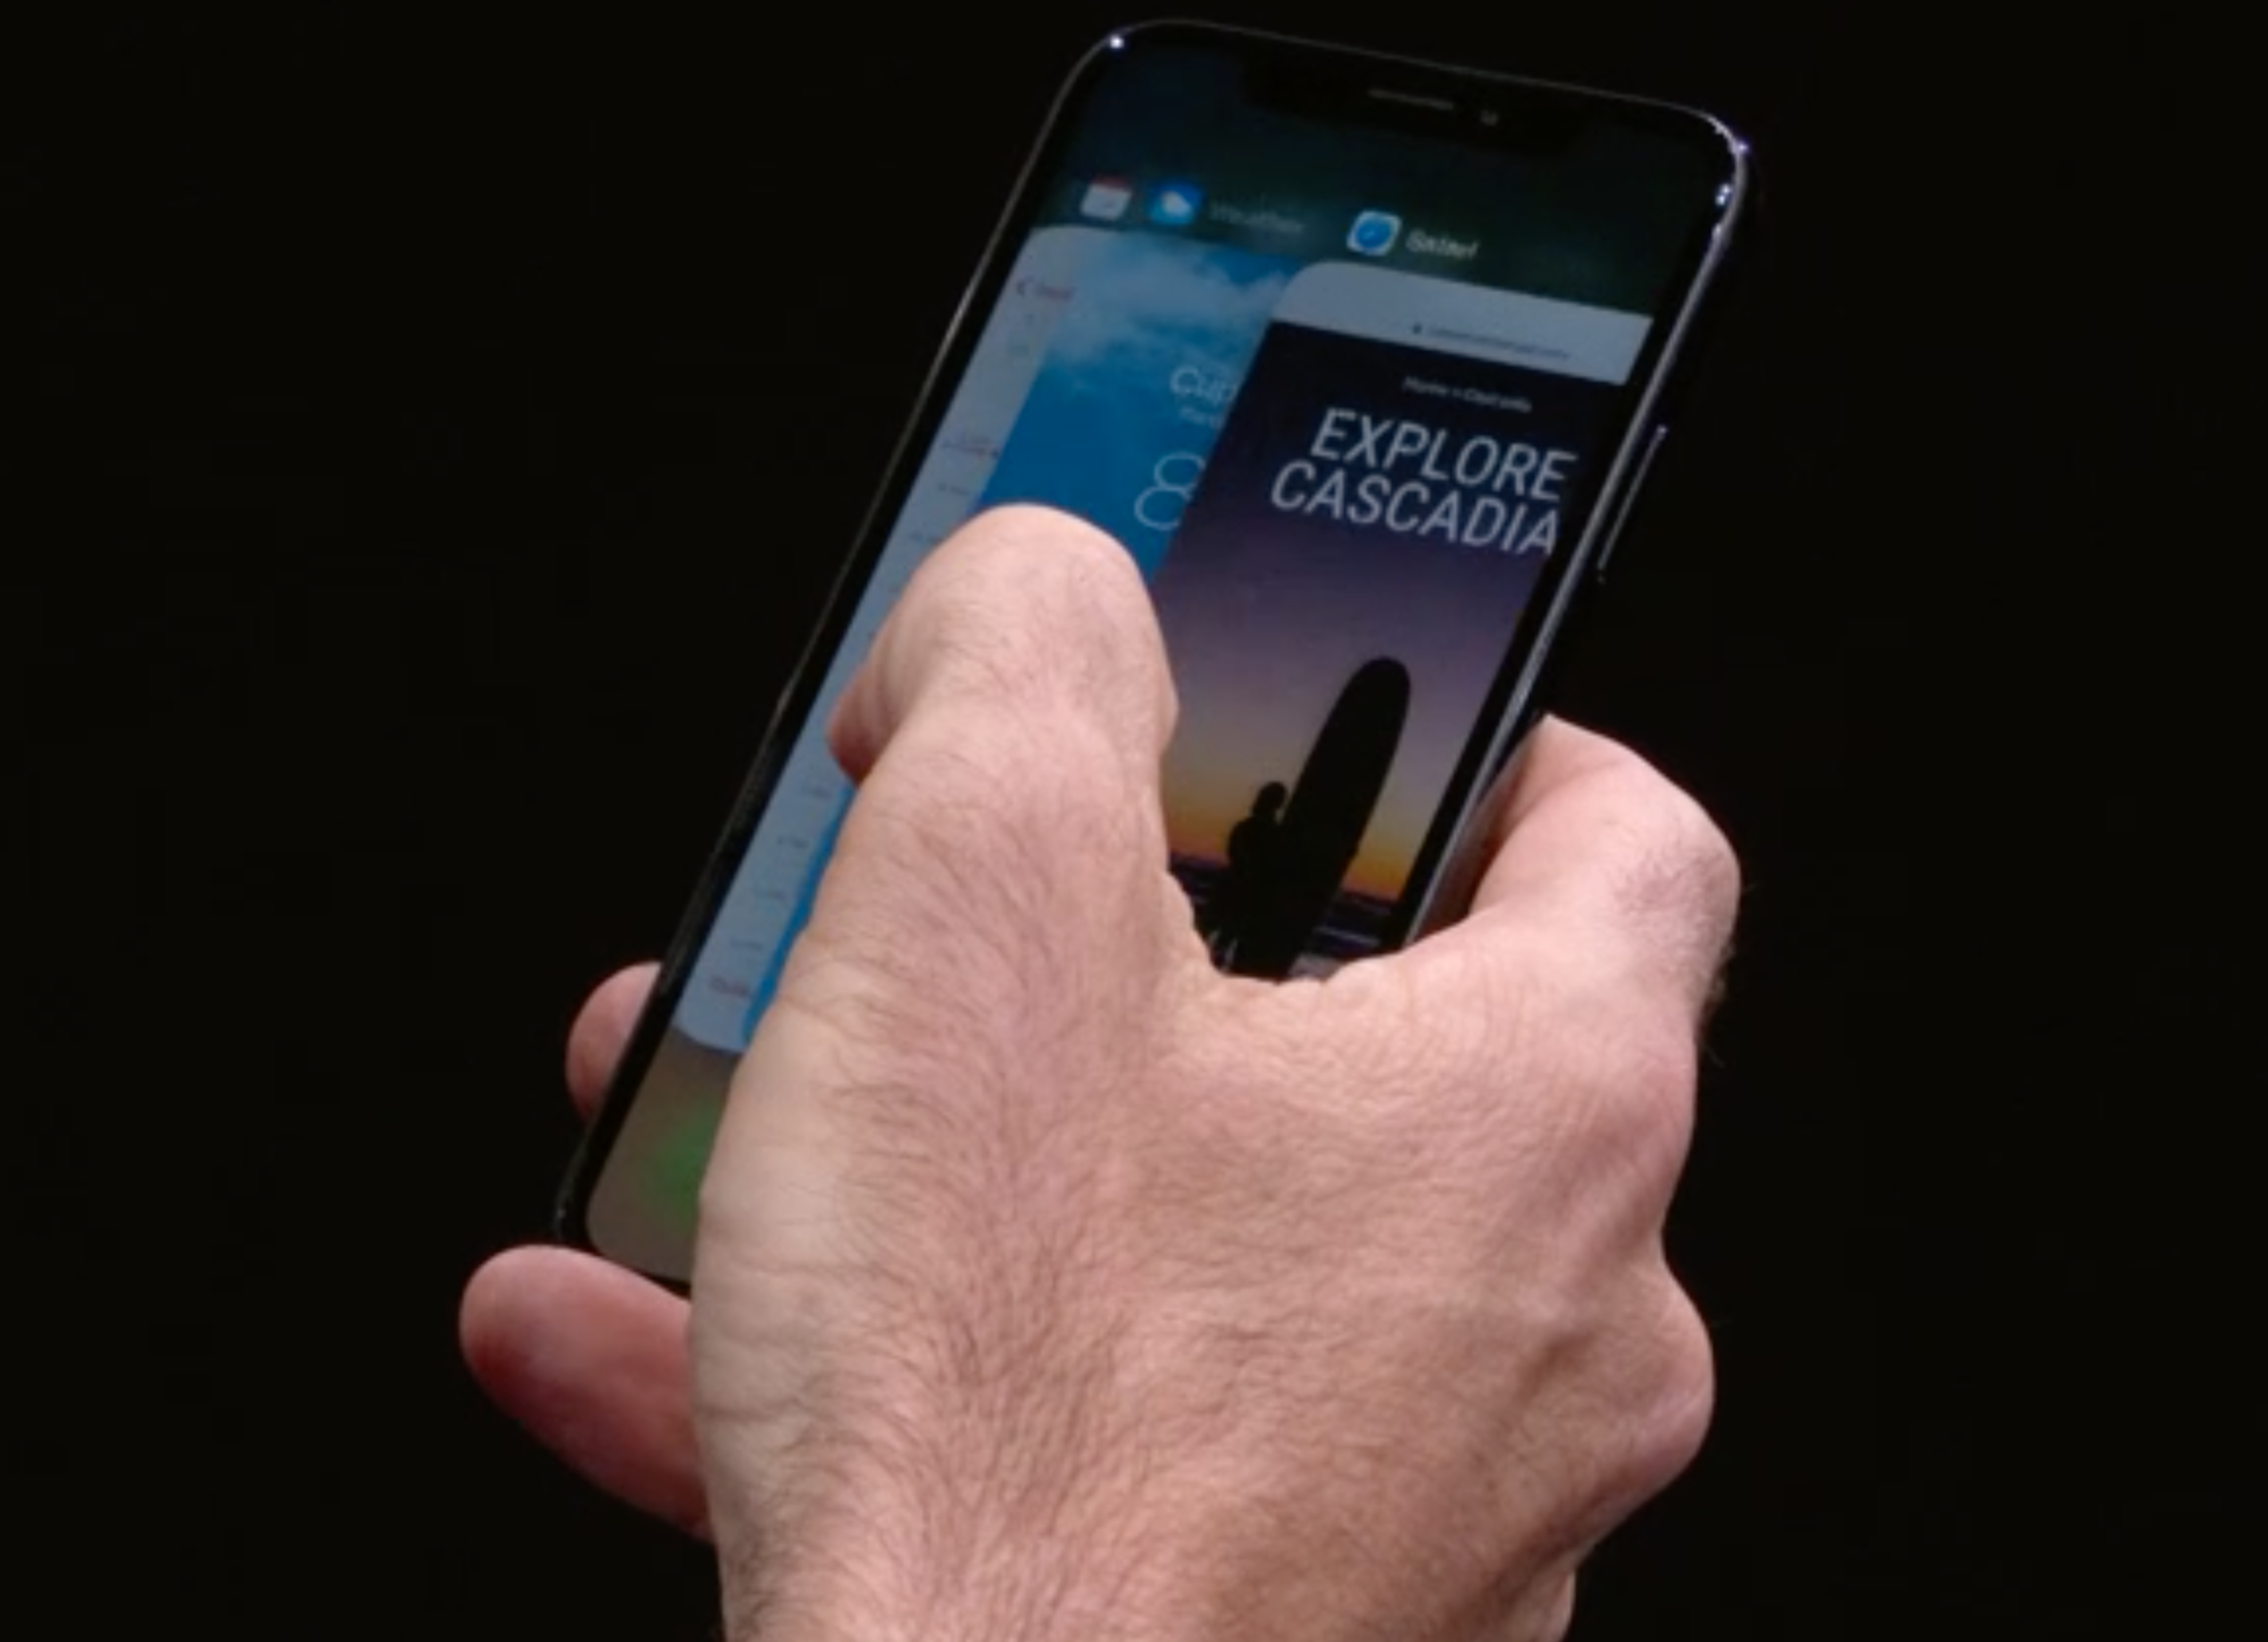 Ulike fingerbevegelser erstatter hjem-knappen. Bilde: Apple/Skjermdump